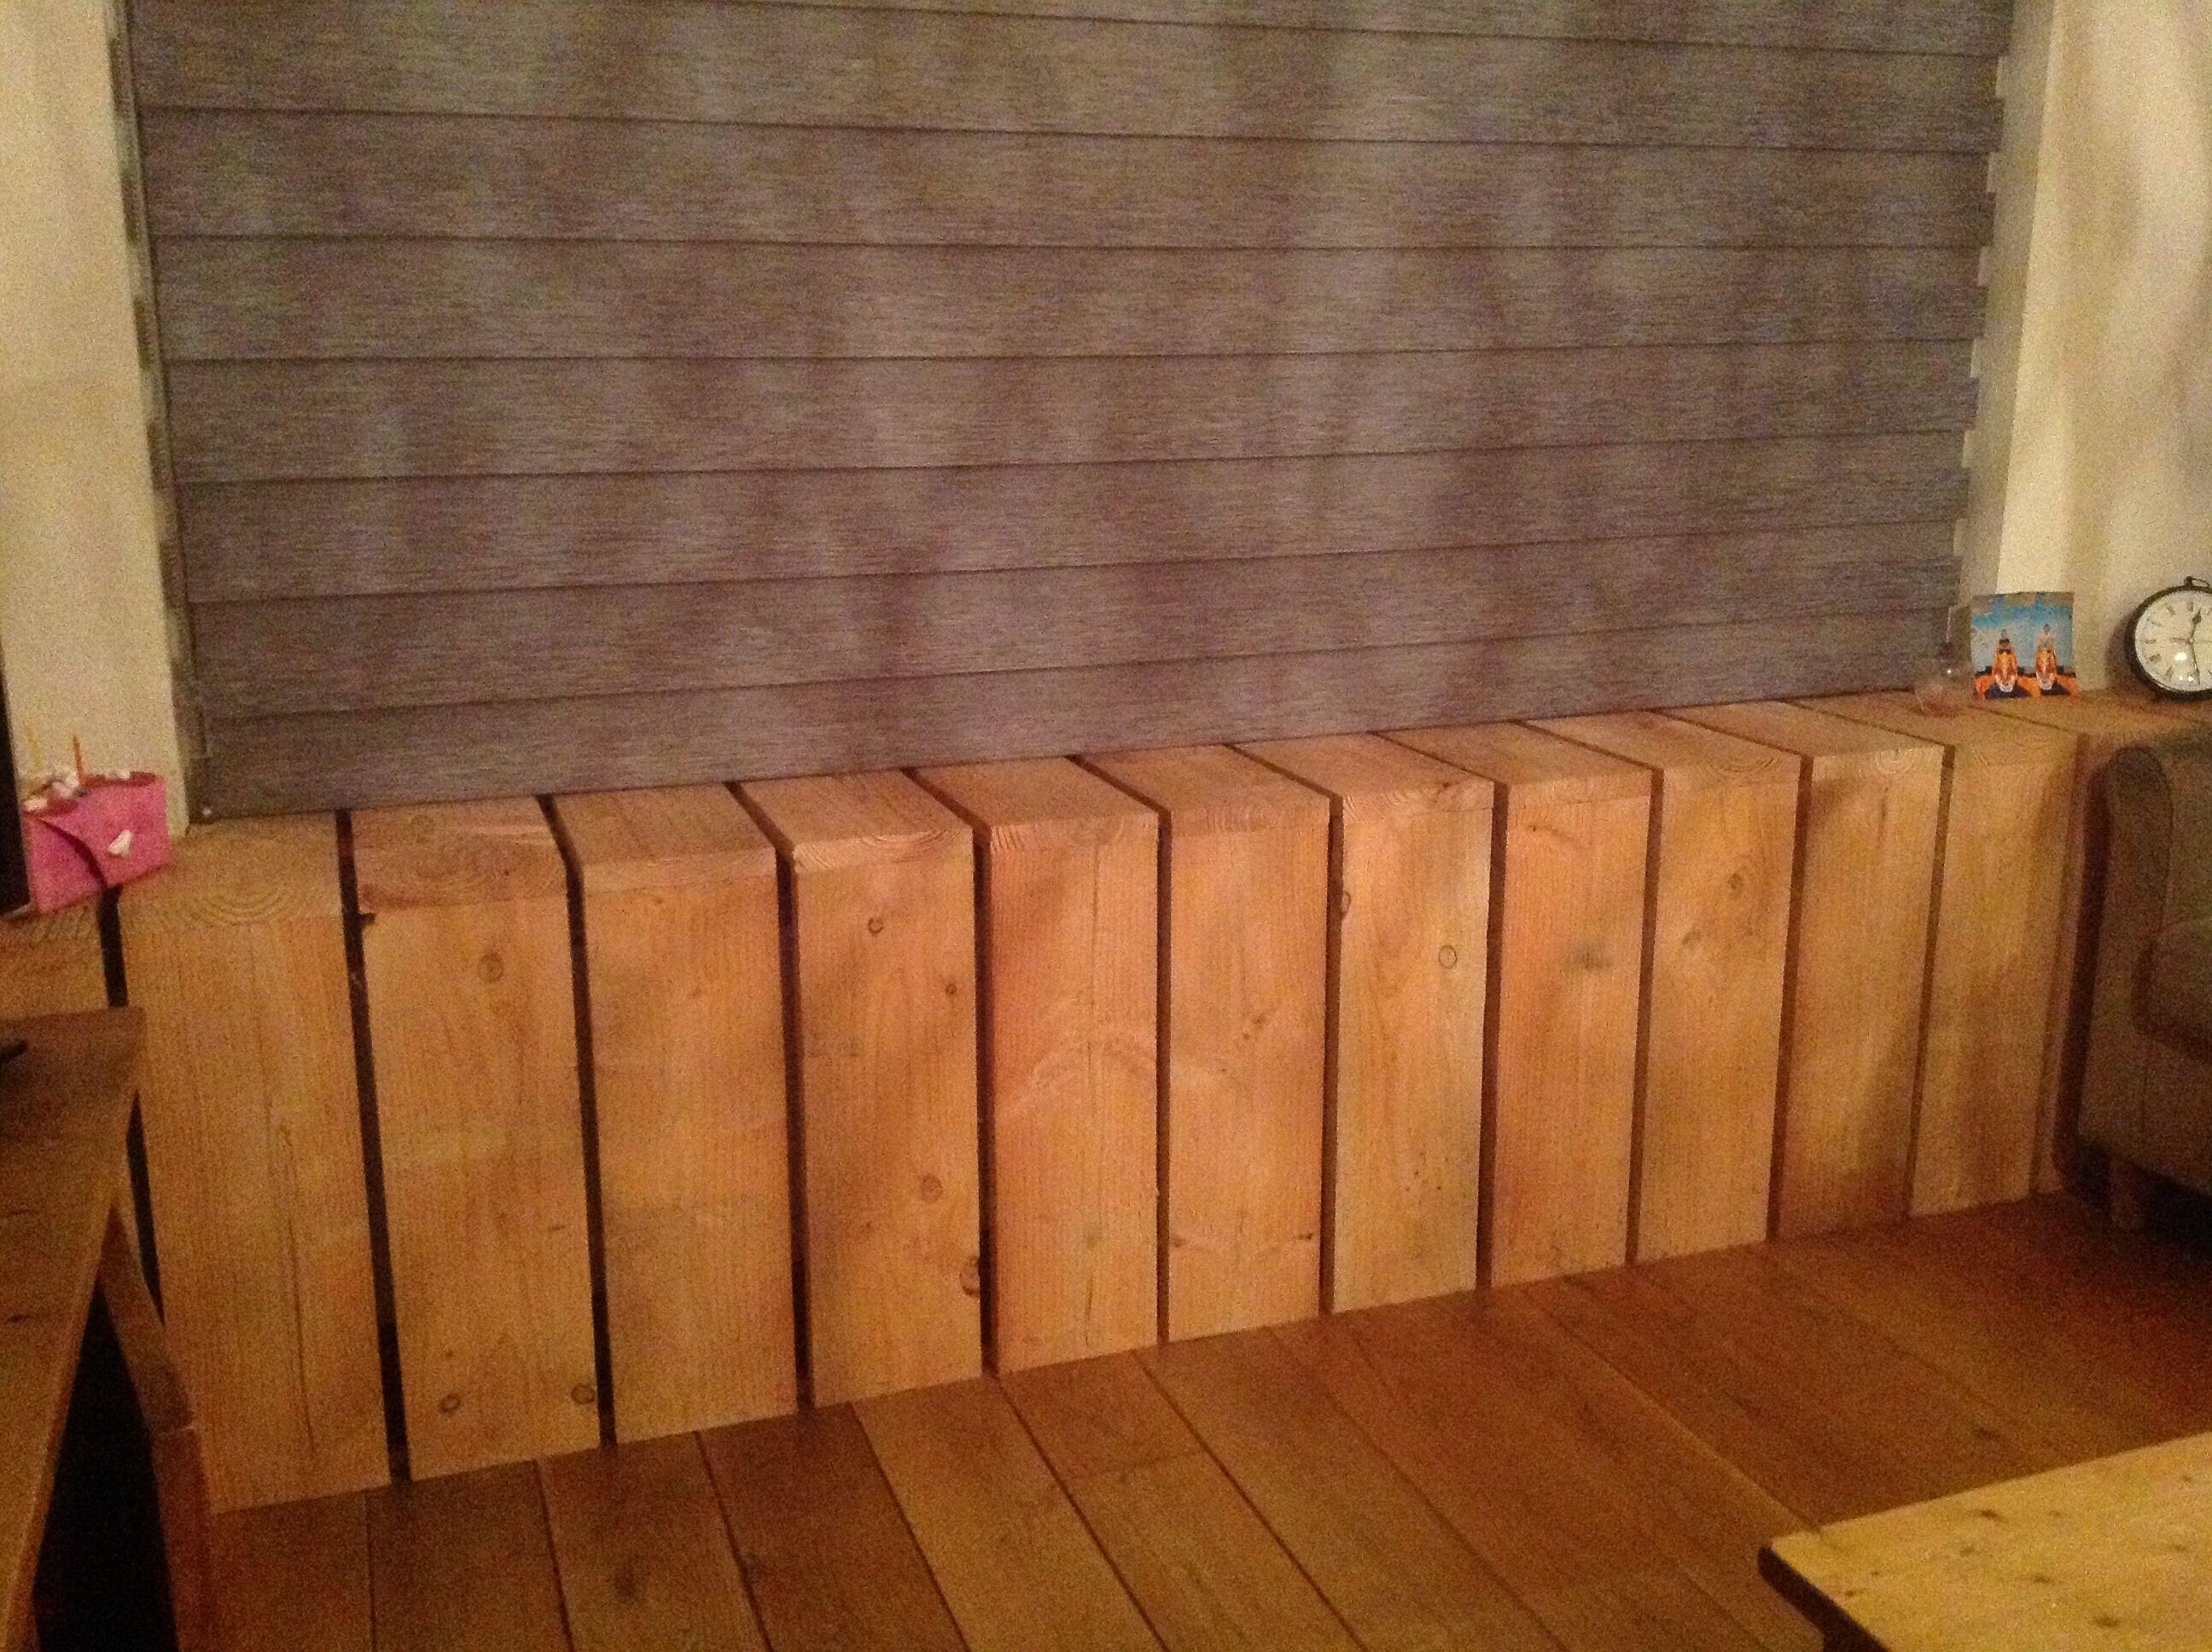 Plintverwarming Keuken Tips : Verwarmings ombouw van steigerhout. verwarming ombouw